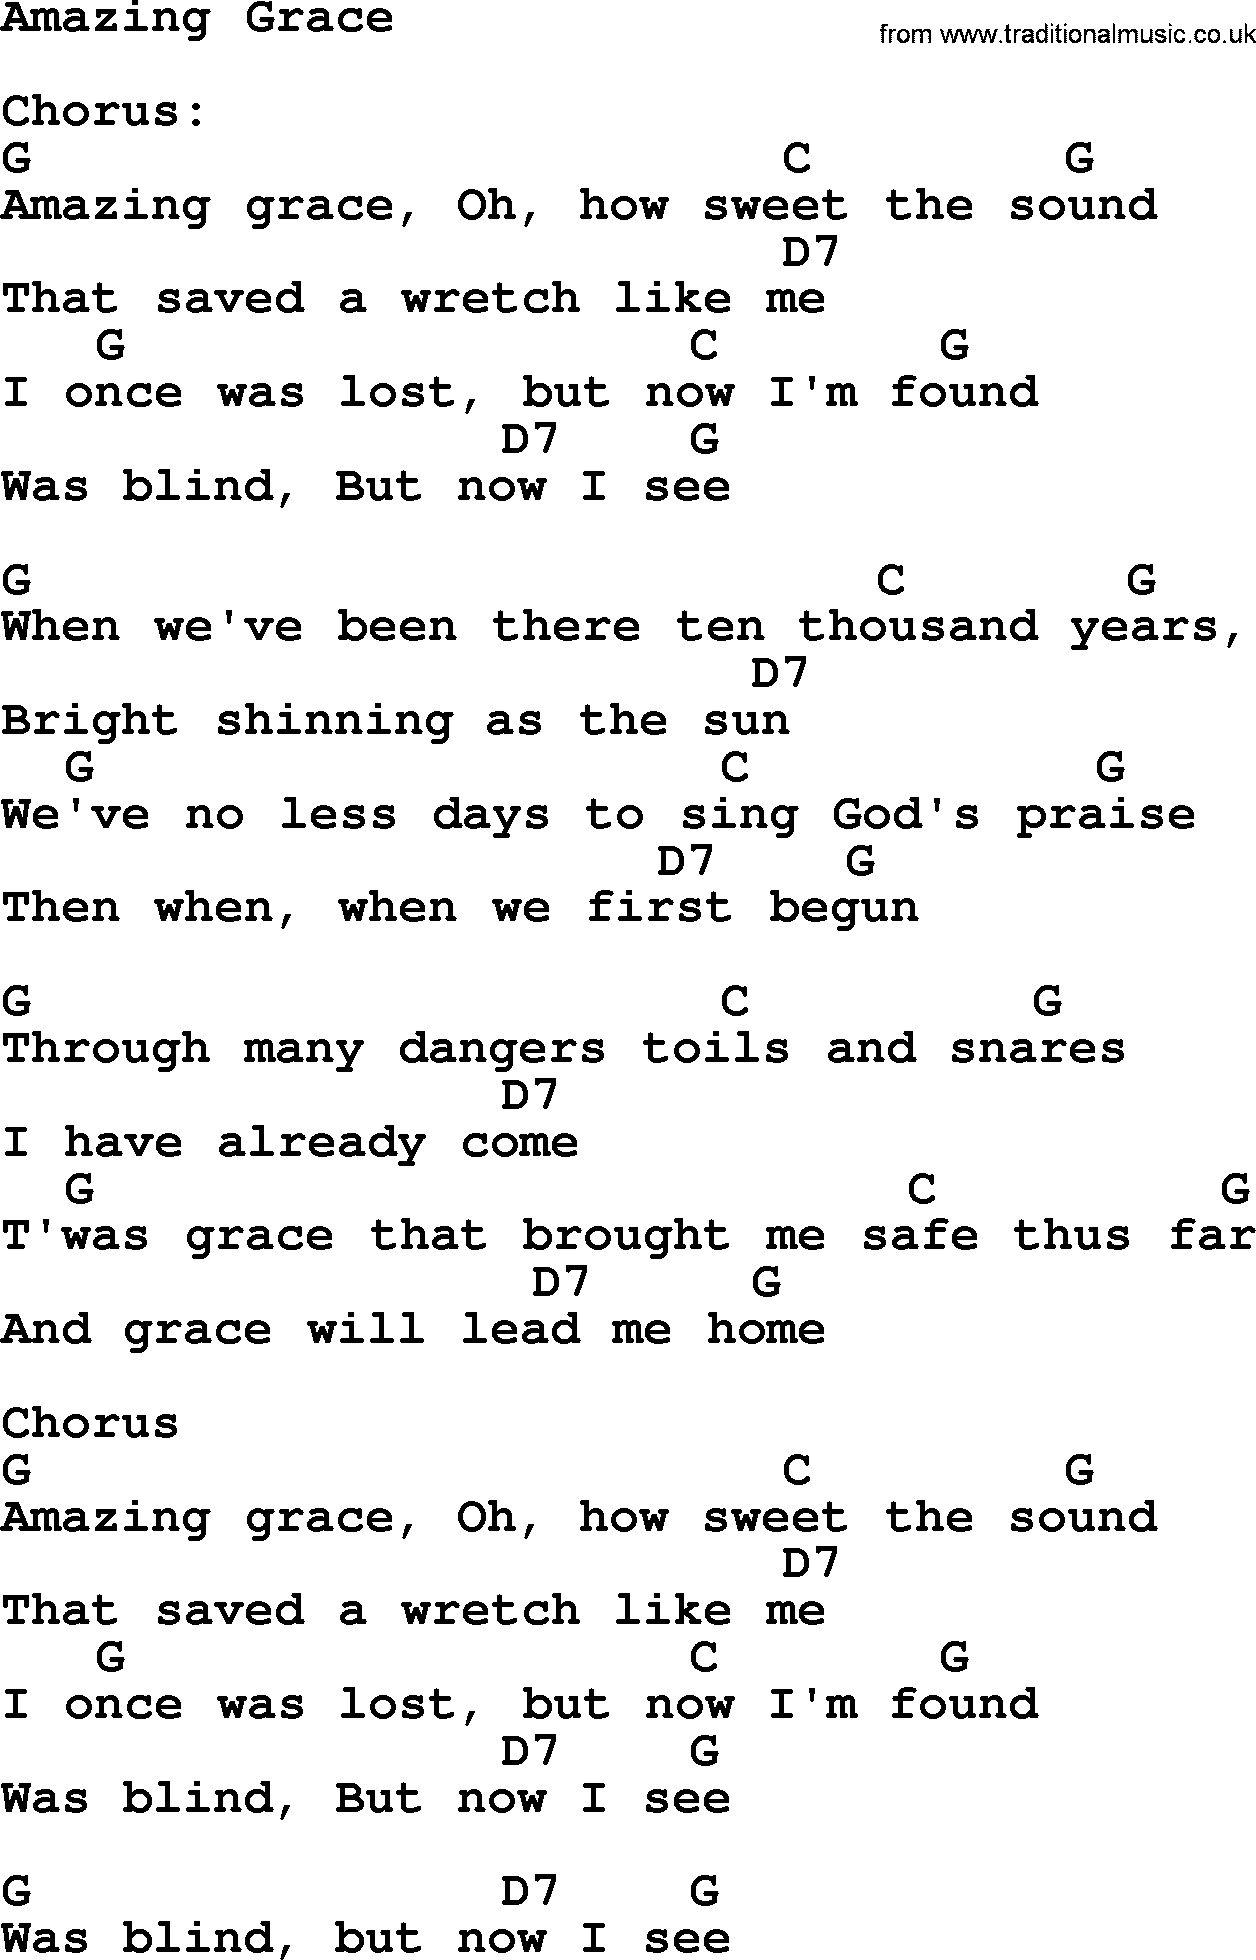 Amazing Grace Chords   Ukulele chords songs, Ukulele songs ...